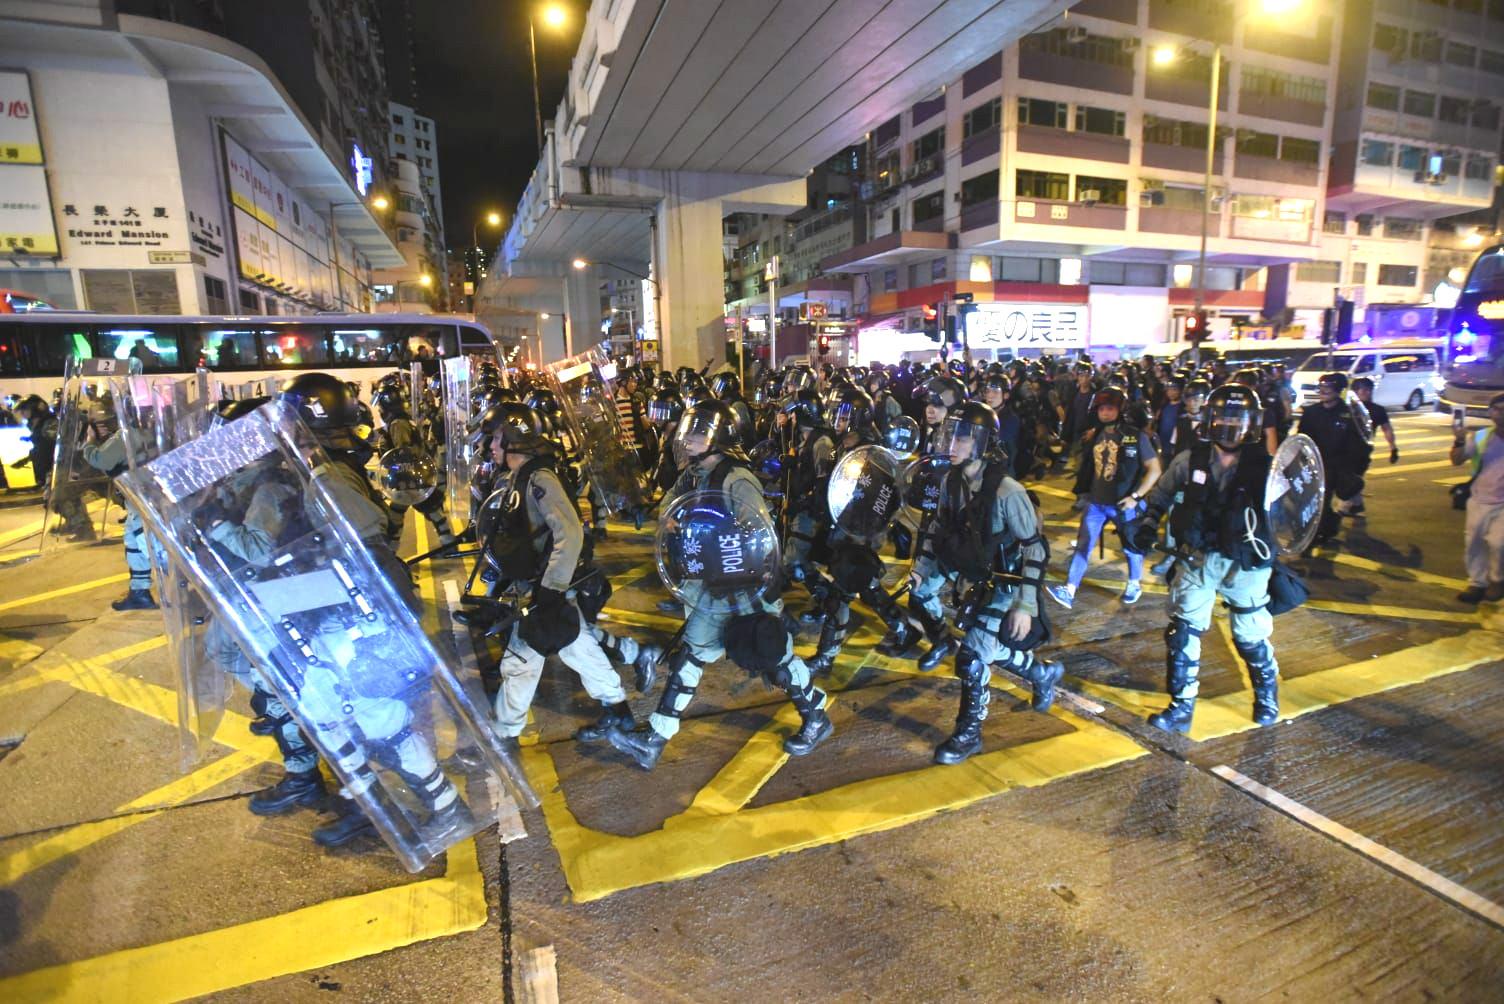 【修例风波】休班警配备伸缩警棍 警方称要执法时表露身份